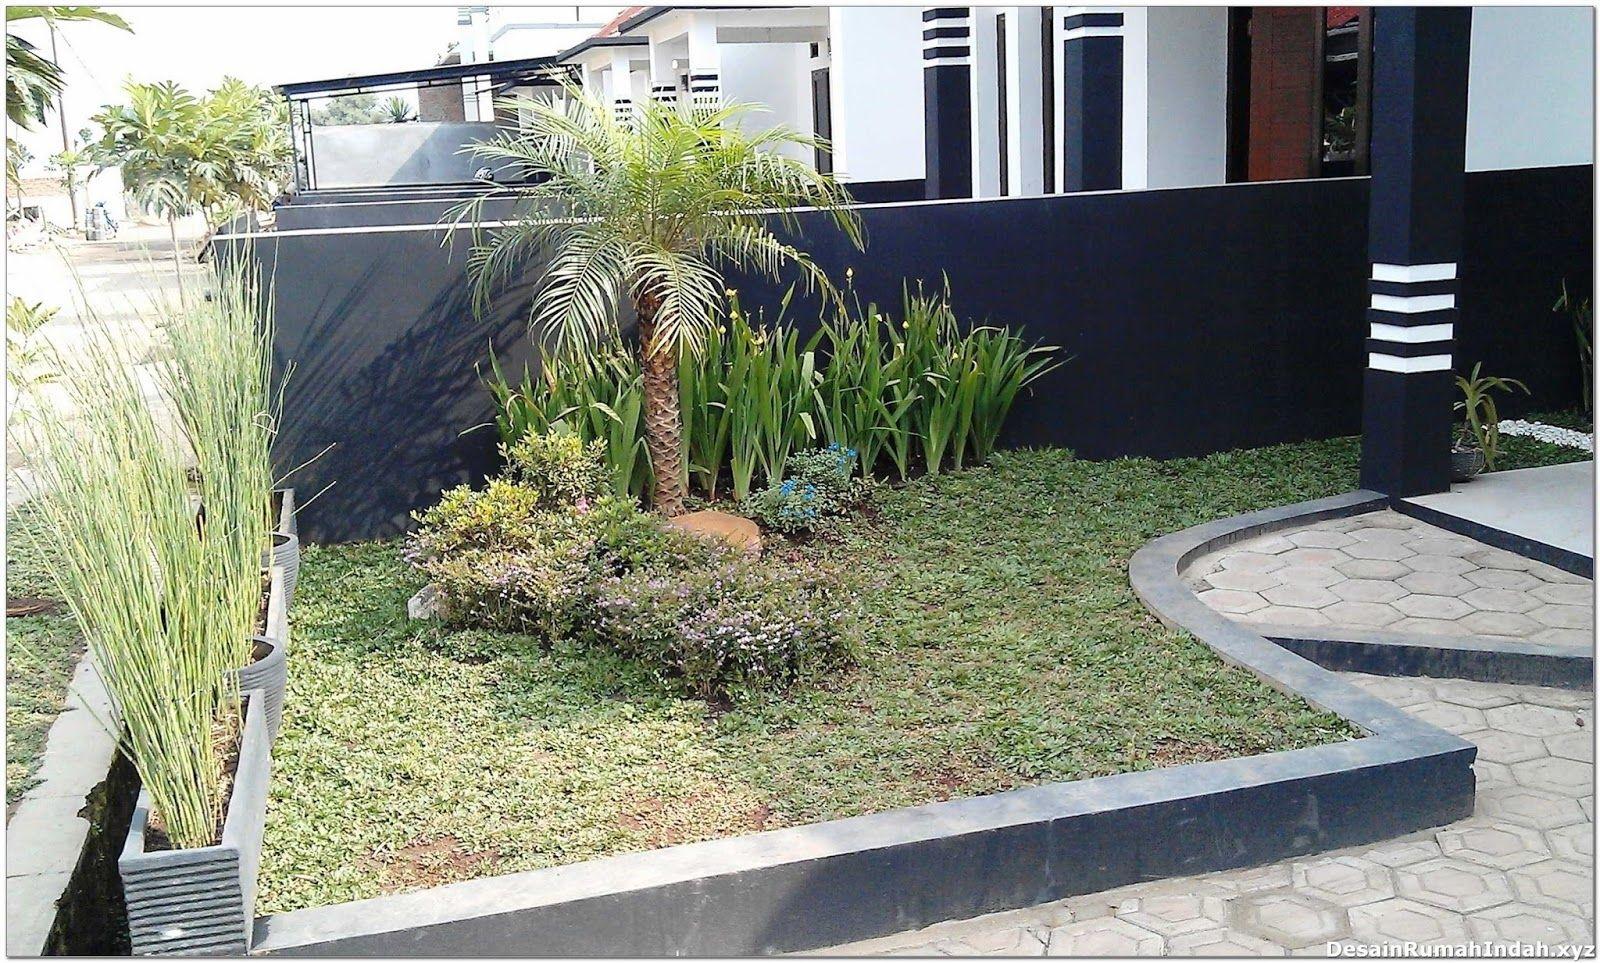 62 Desain Taman Minimalis Kreatif Depan Dalam Dan Belakang Rumah | Desain  Taman Kecil, Desain Taman, Kebun Kecil